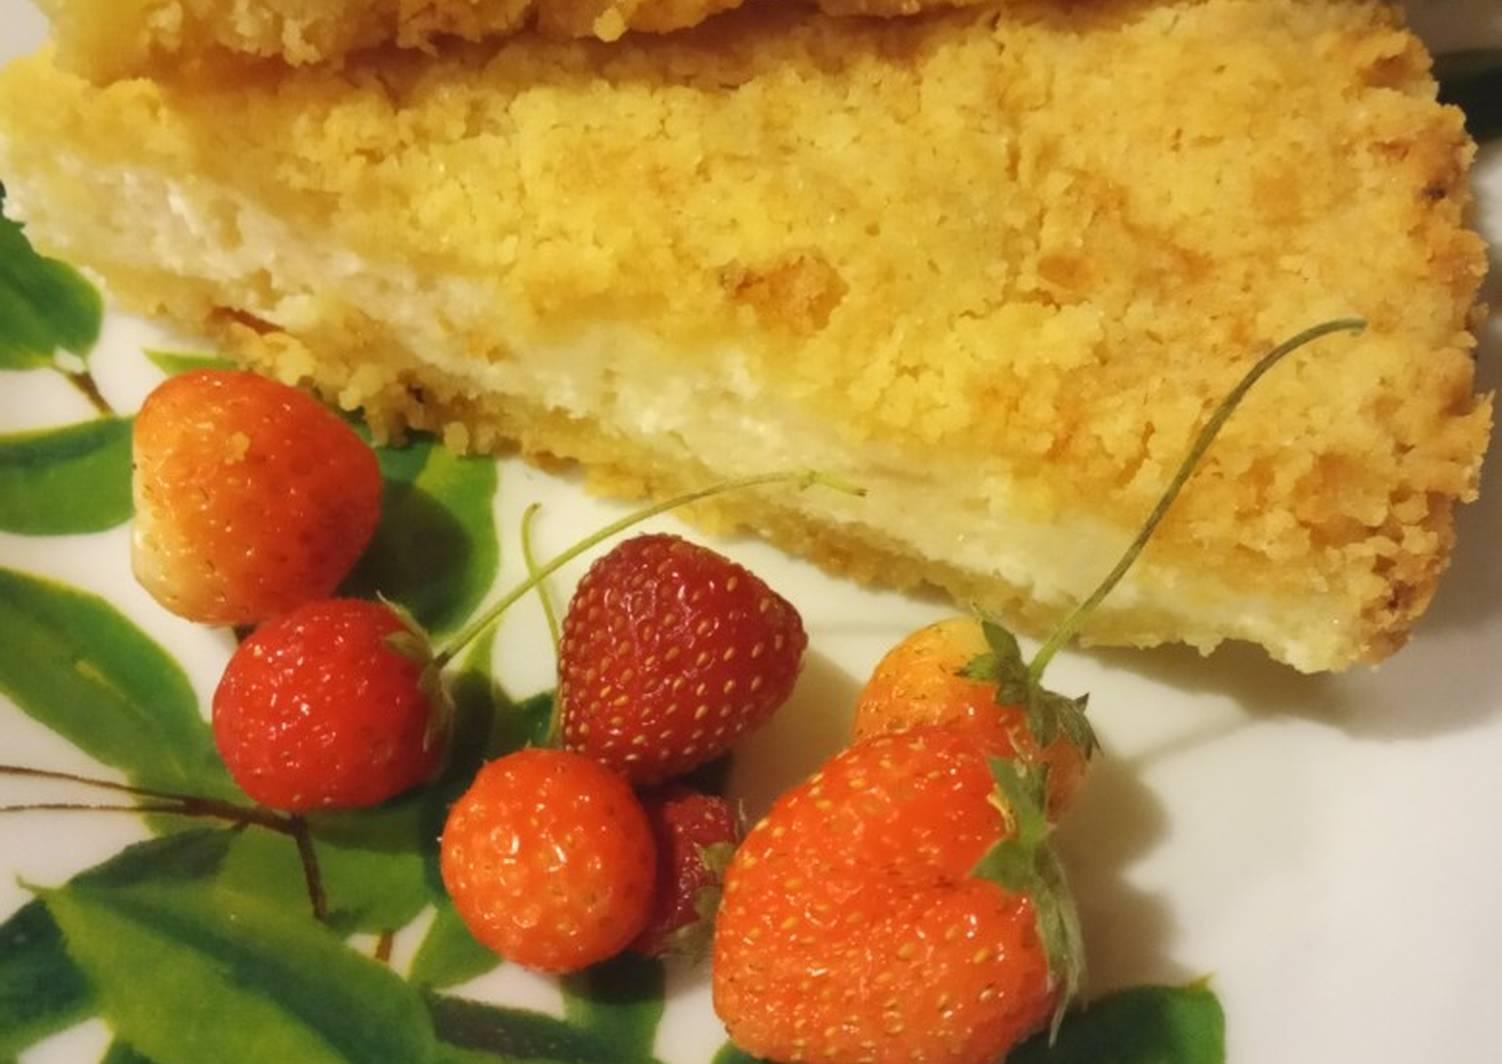 радость кулинарный рецепт королевская ватрушка с фото марка